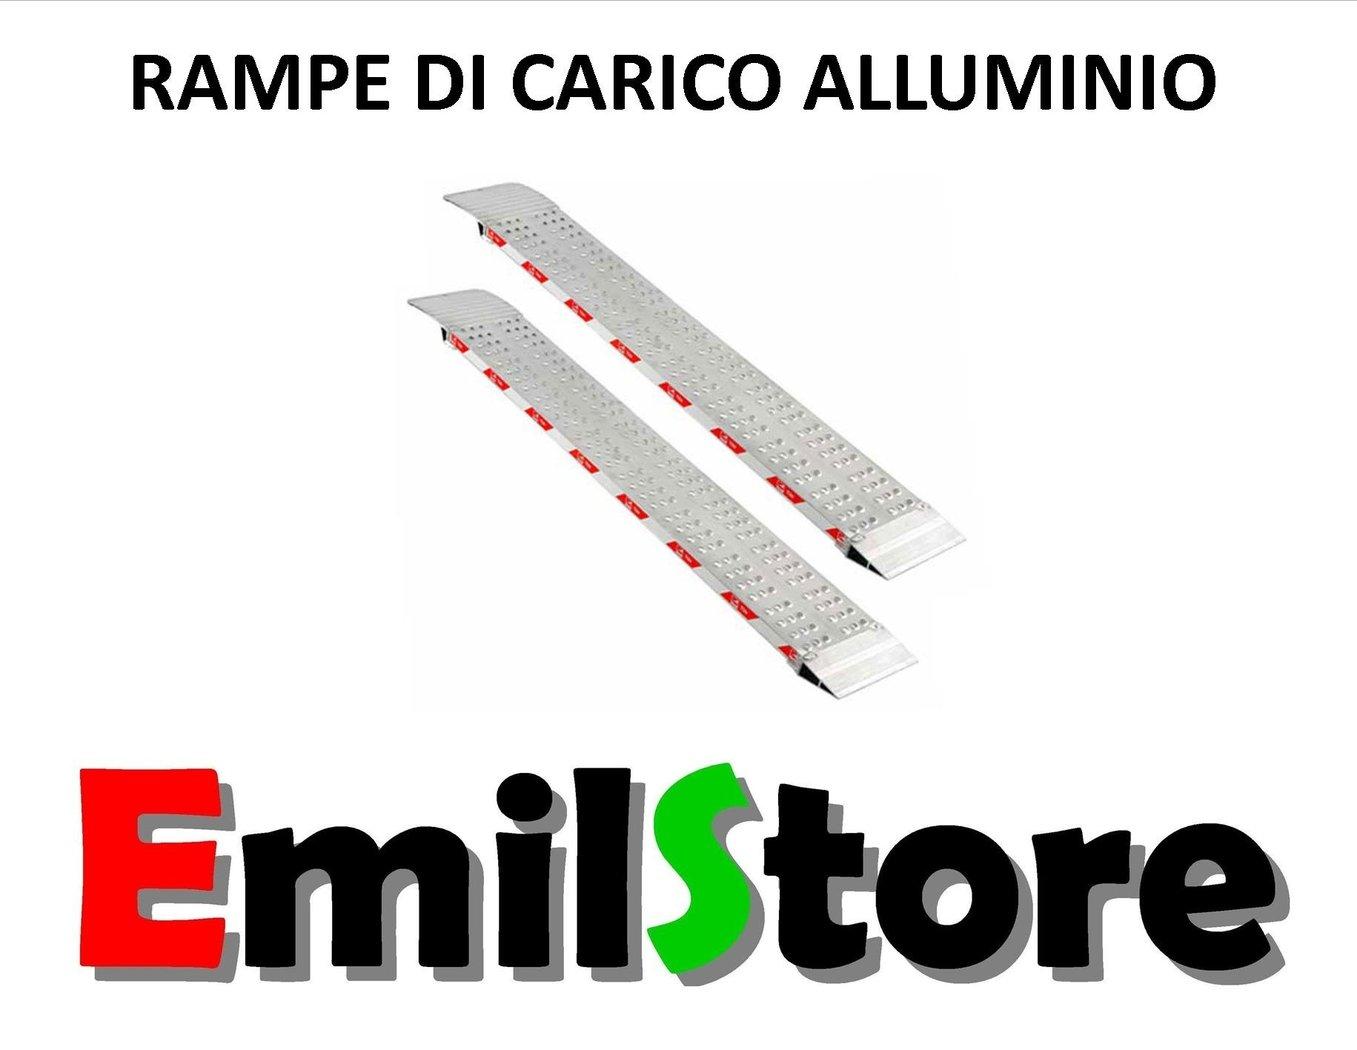 Rampe di carico in alluminio 1 5 metri senza bordi prezzo for Rampe di carico in alluminio prezzi